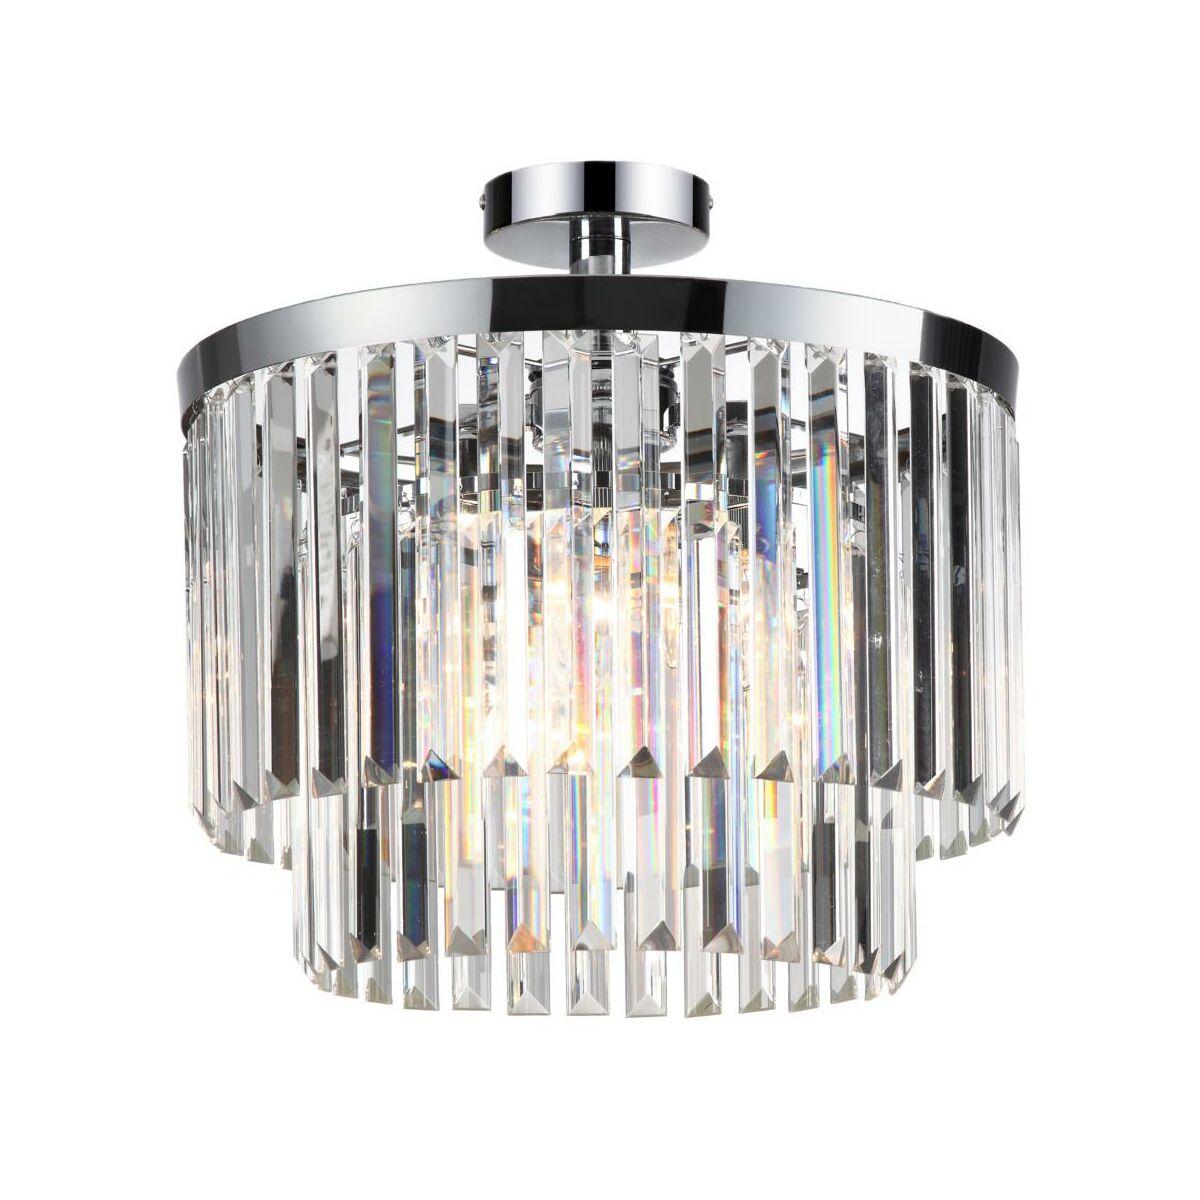 Lampa Sufitowa Vetro Krysztalowa E14 Light Prestige Zyrandole Lampy Wiszace I Sufitowe W Atrakcyjnej Cenie W Sklepach Leroy Merlin